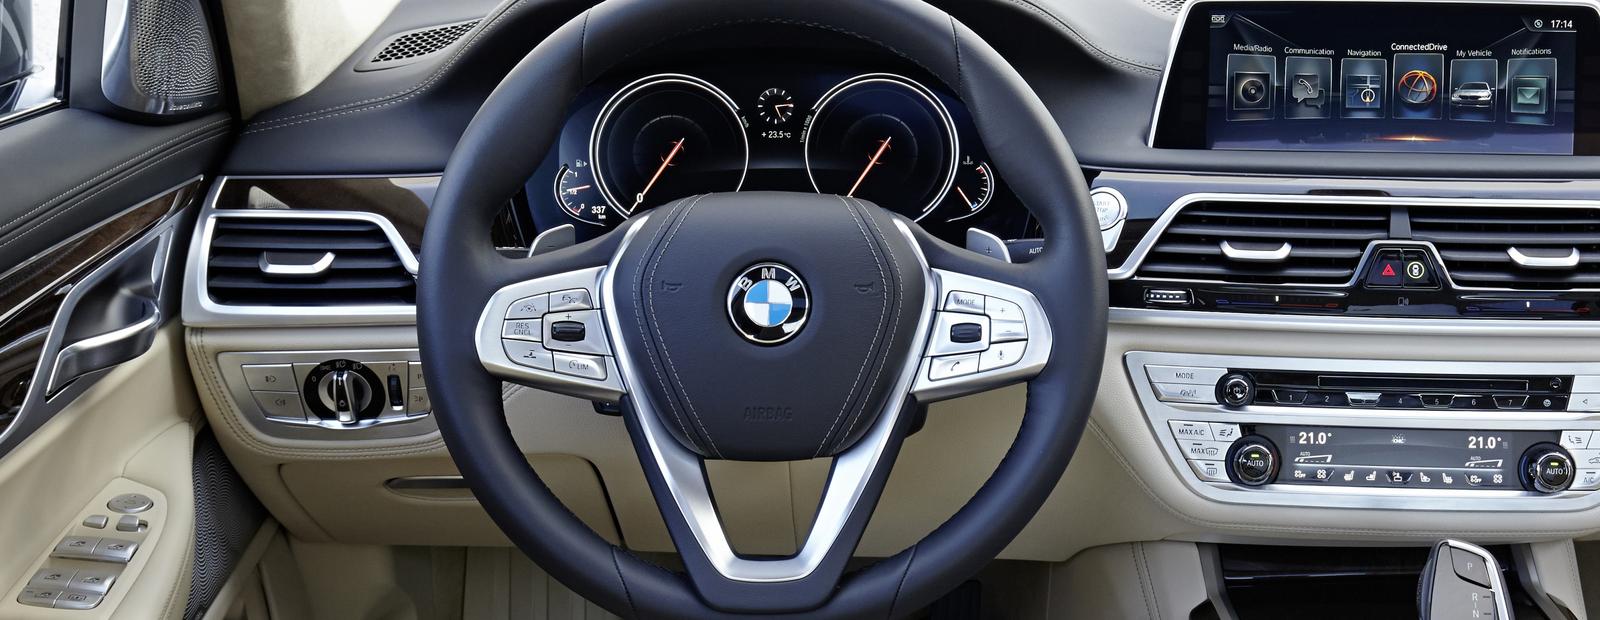 Посчитали-прослезились: спортивный руль для BMW 7 серии